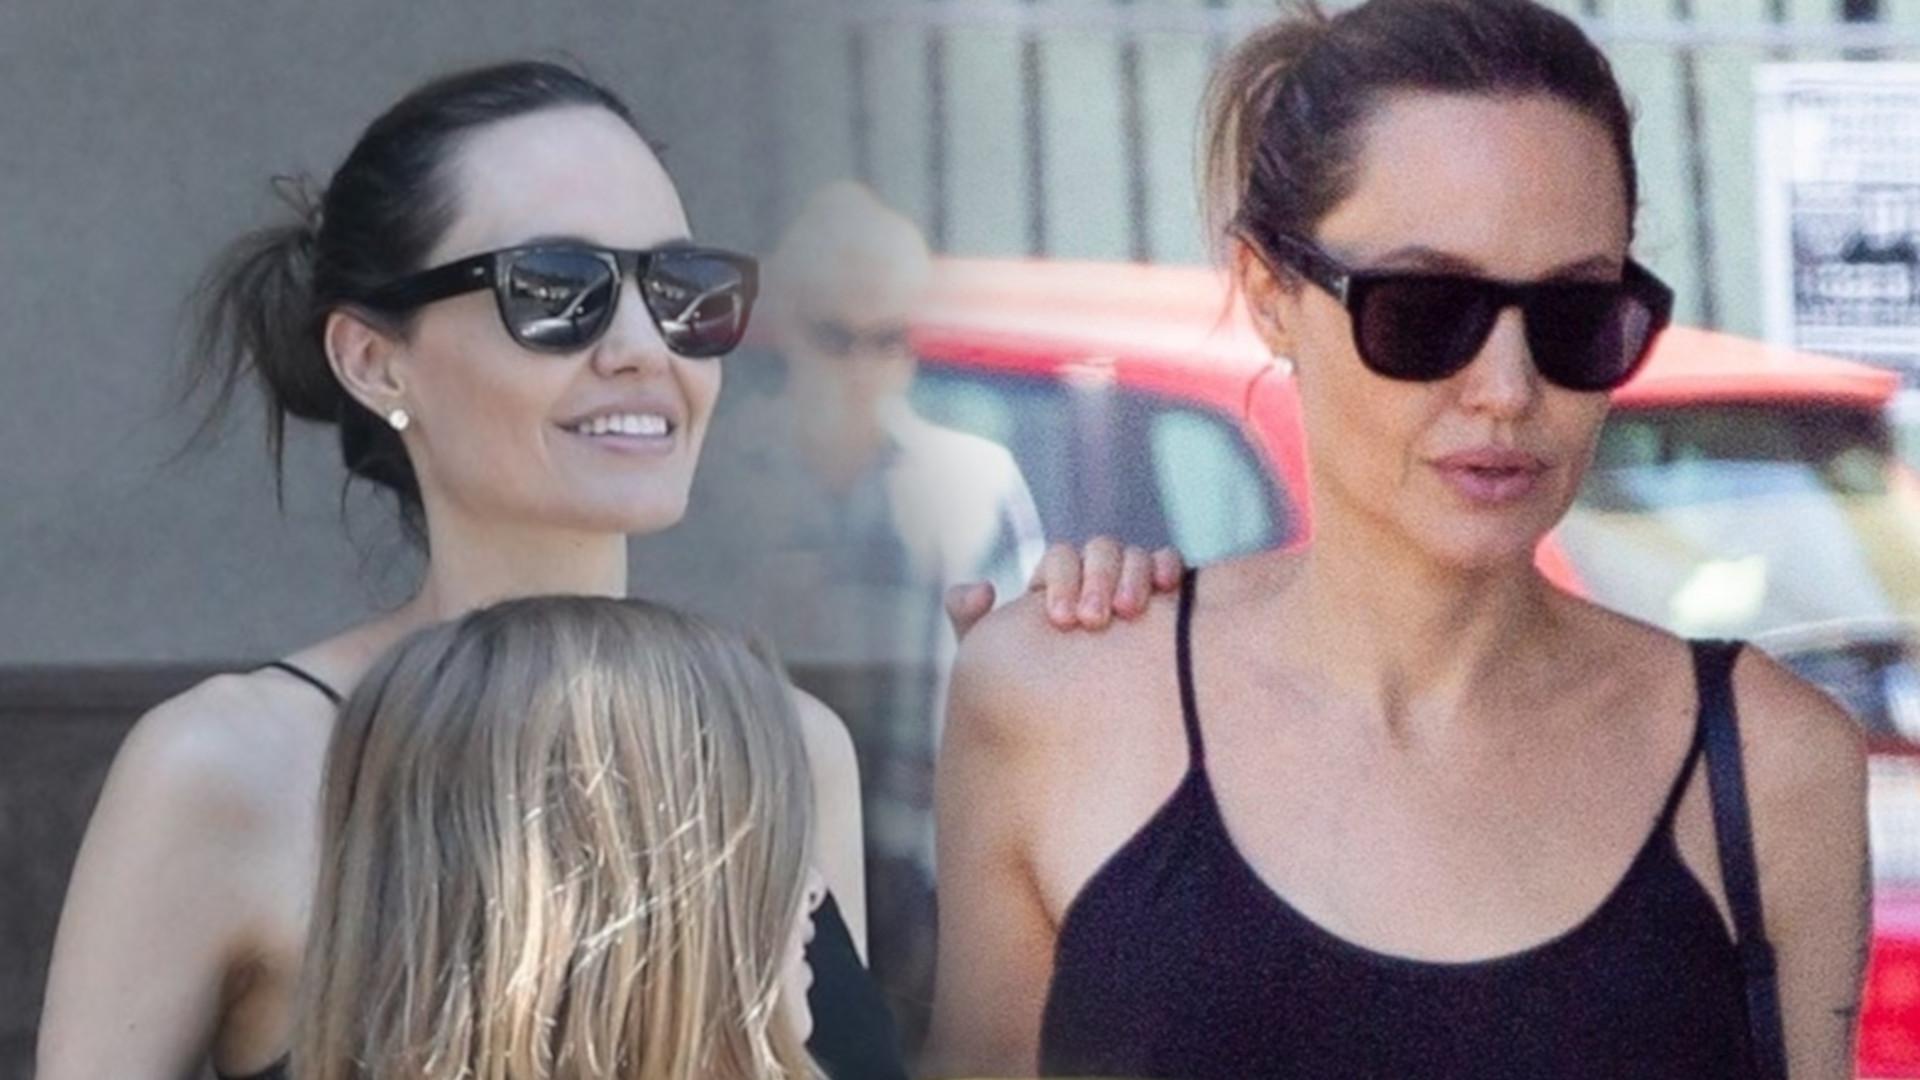 Angelina Jolie z córką Vivienne wychodzą z apteki z dużymi pakunkami w rękach (ZDJĘCIA)